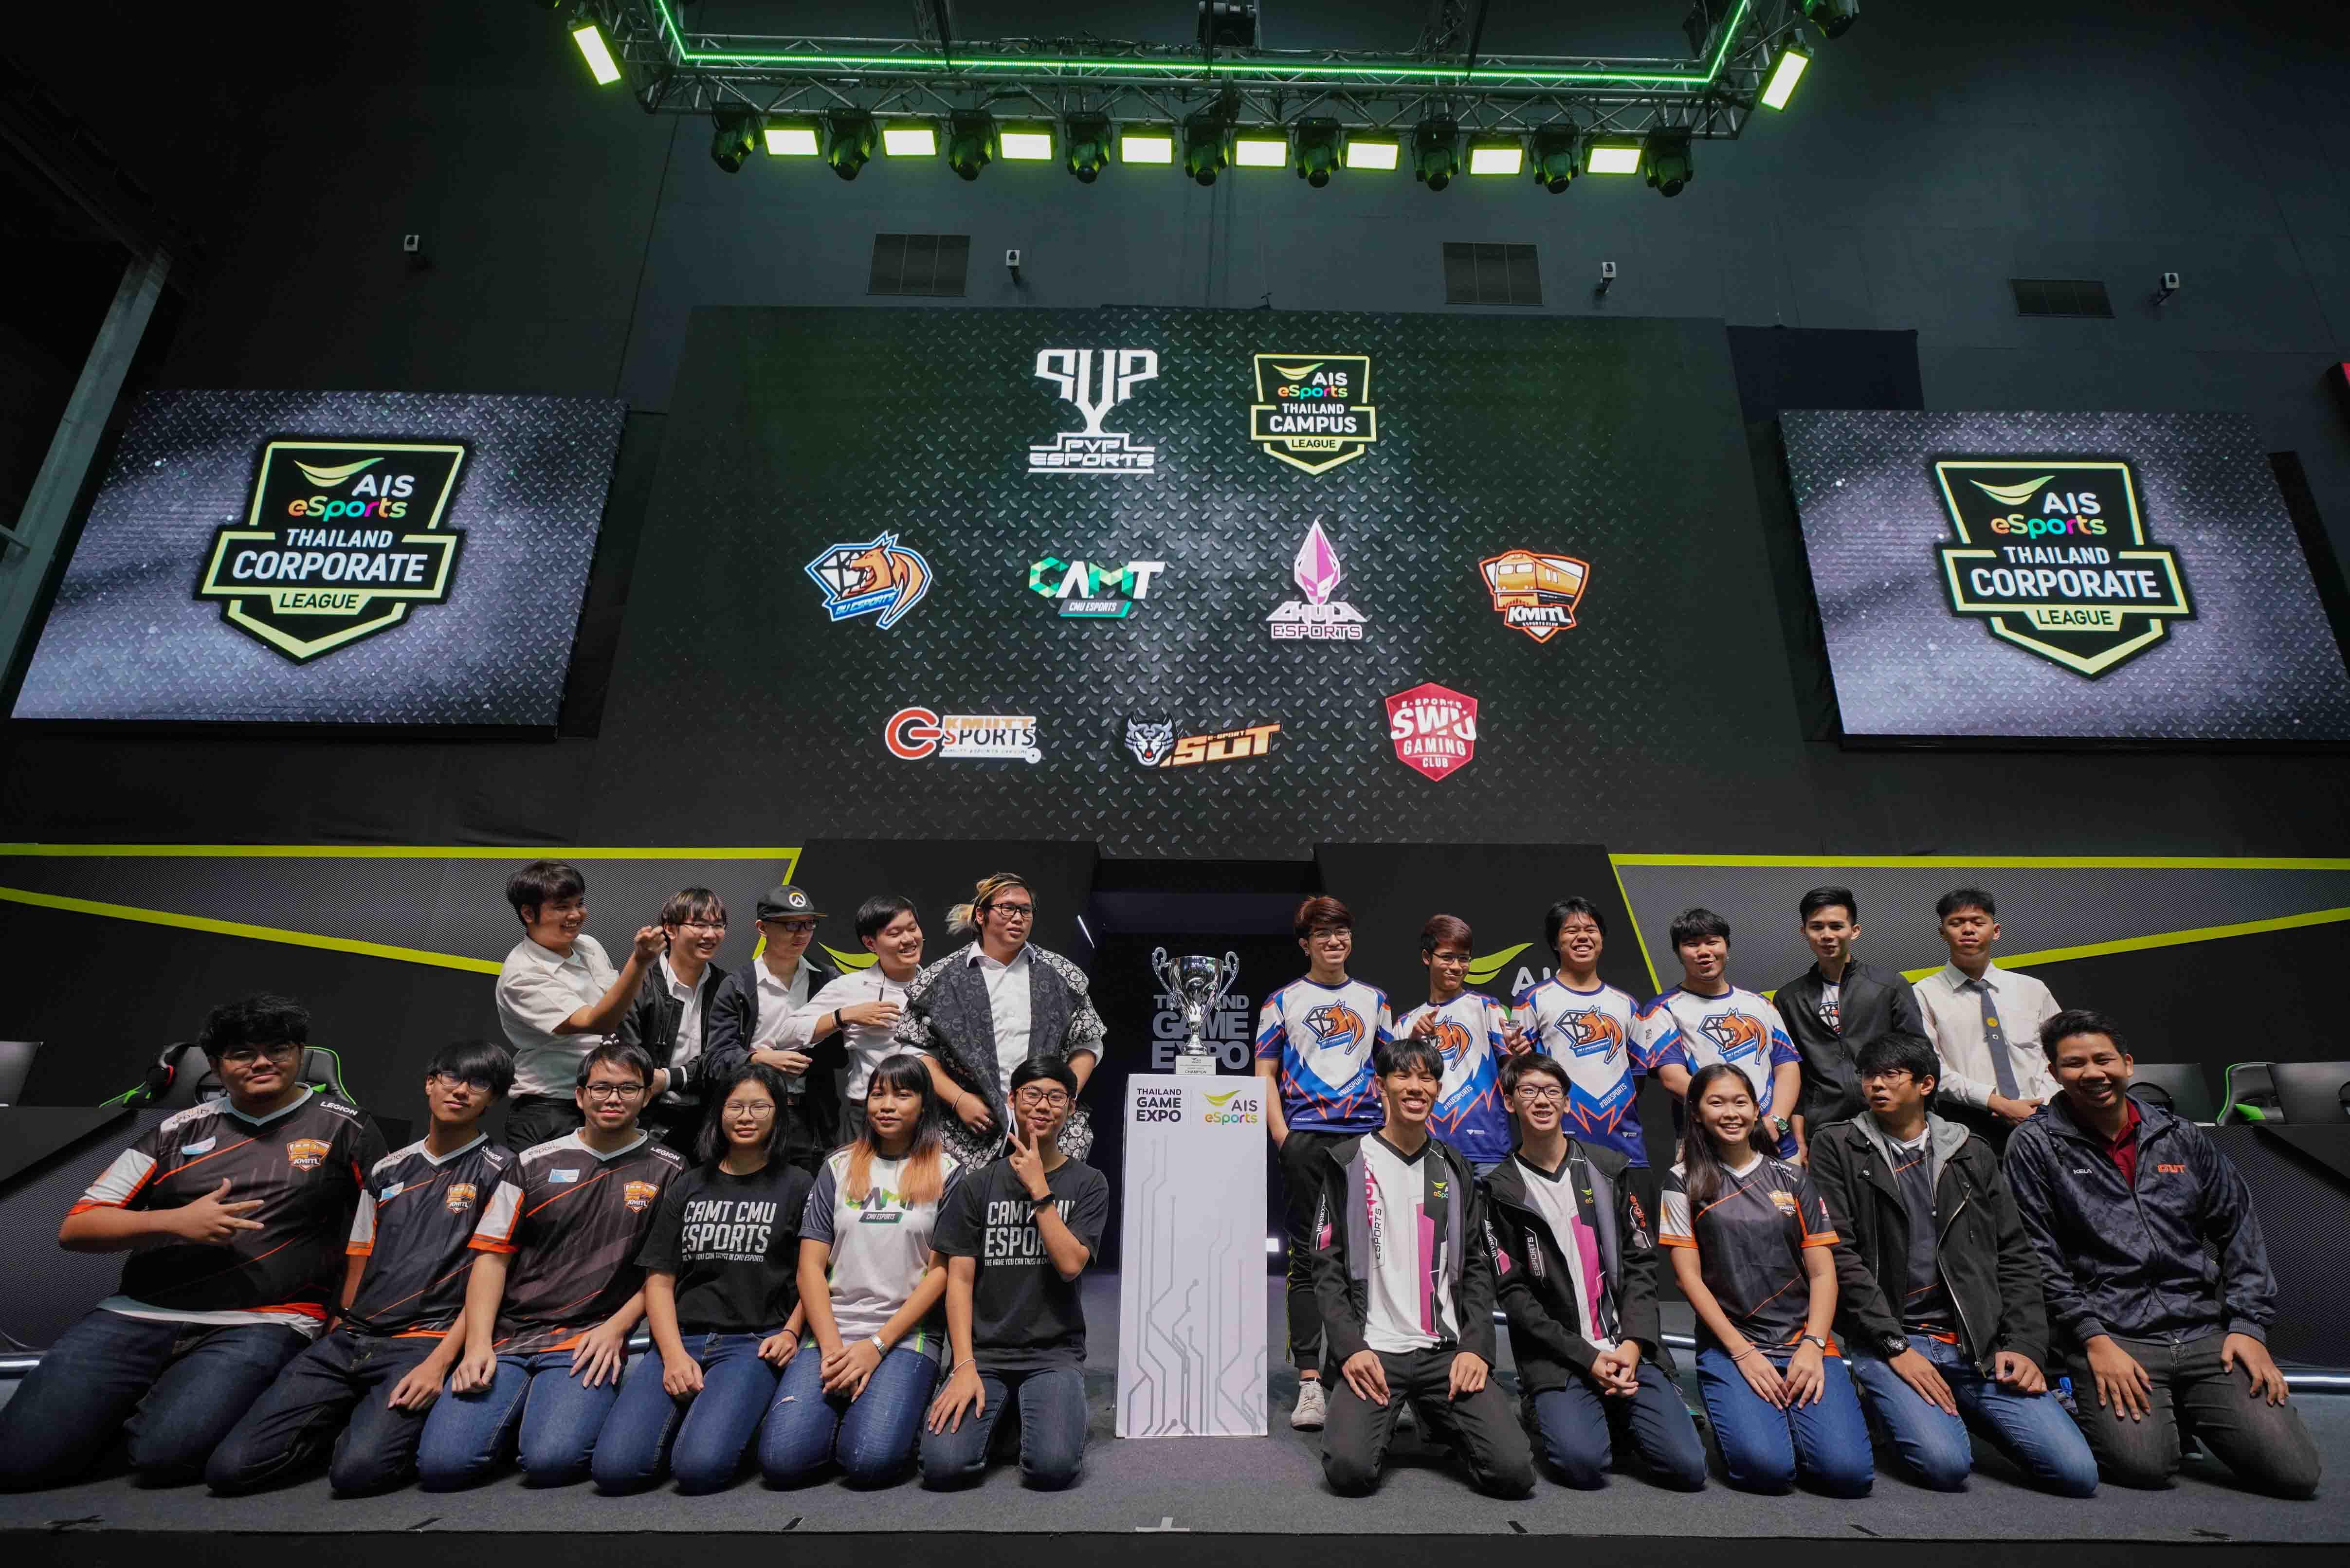 เอไอเอส ระเบิดทัวร์นาเม้นท์อีสปอร์ตเพื่อสายเกมเมอร์เสริมแกร่งทักษะผู้เล่นอีสปอร์ตไทยก้าวสู่เวทีระดับโลก